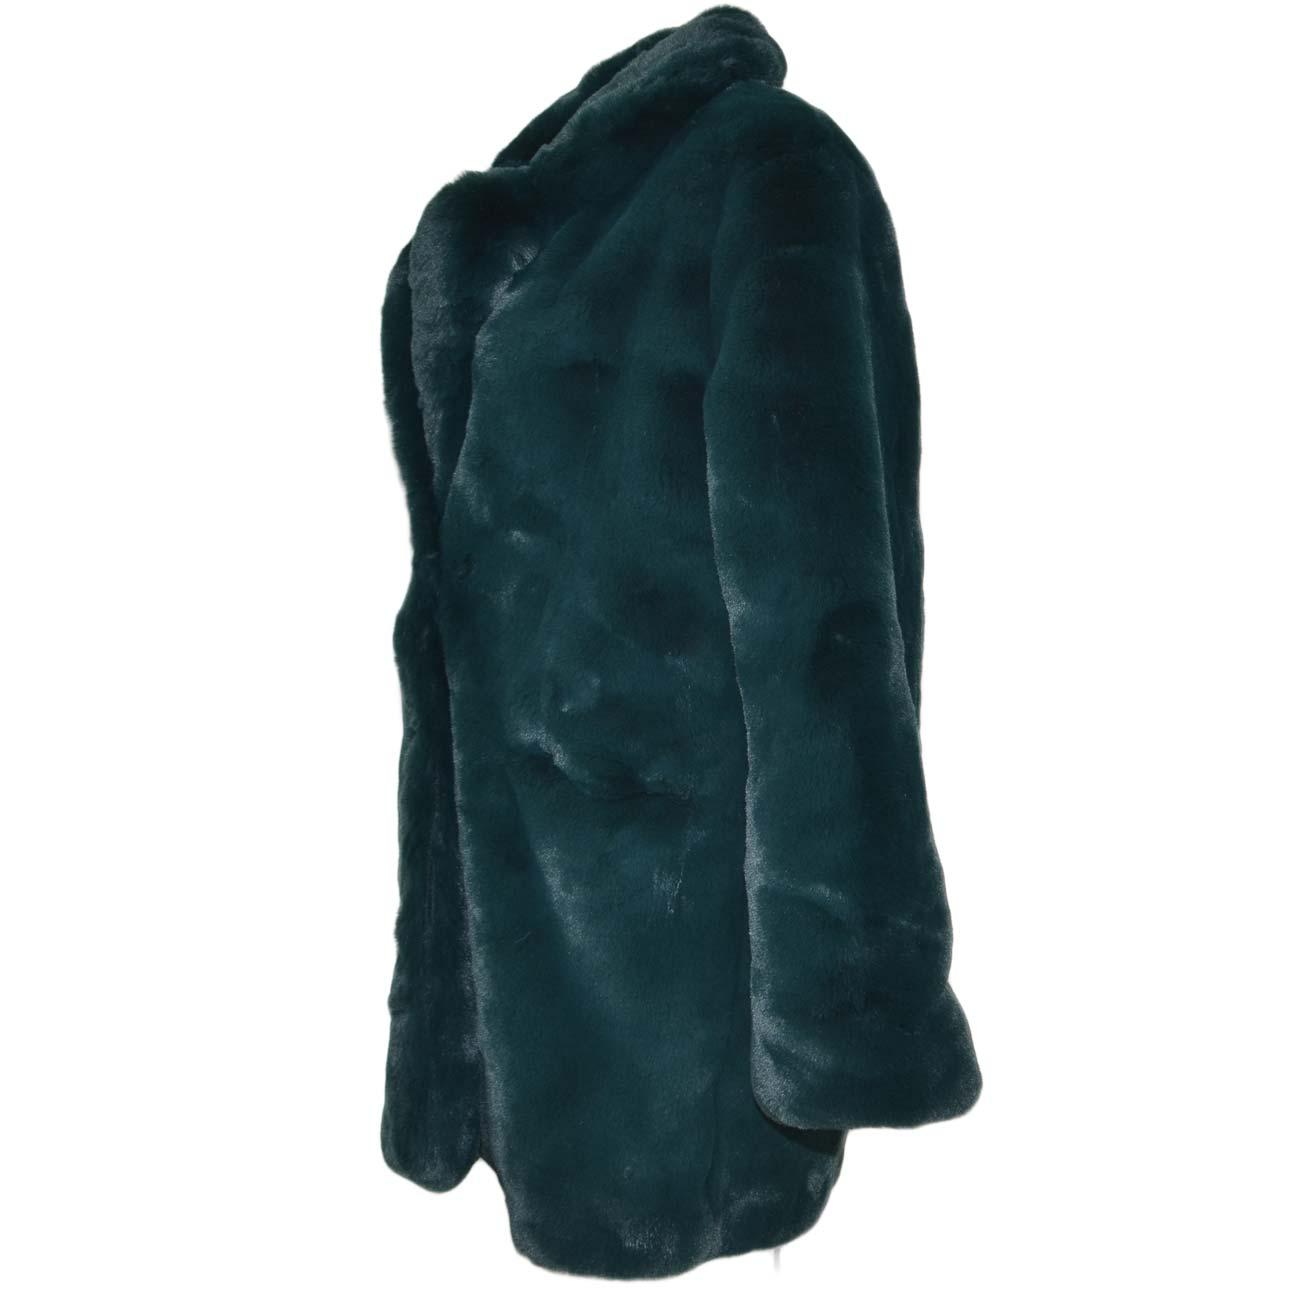 Pelliccia giacca ecologica donna verde bottiglia lunga morbida a due ganci  manica lunga molto calda e 411ec01c070